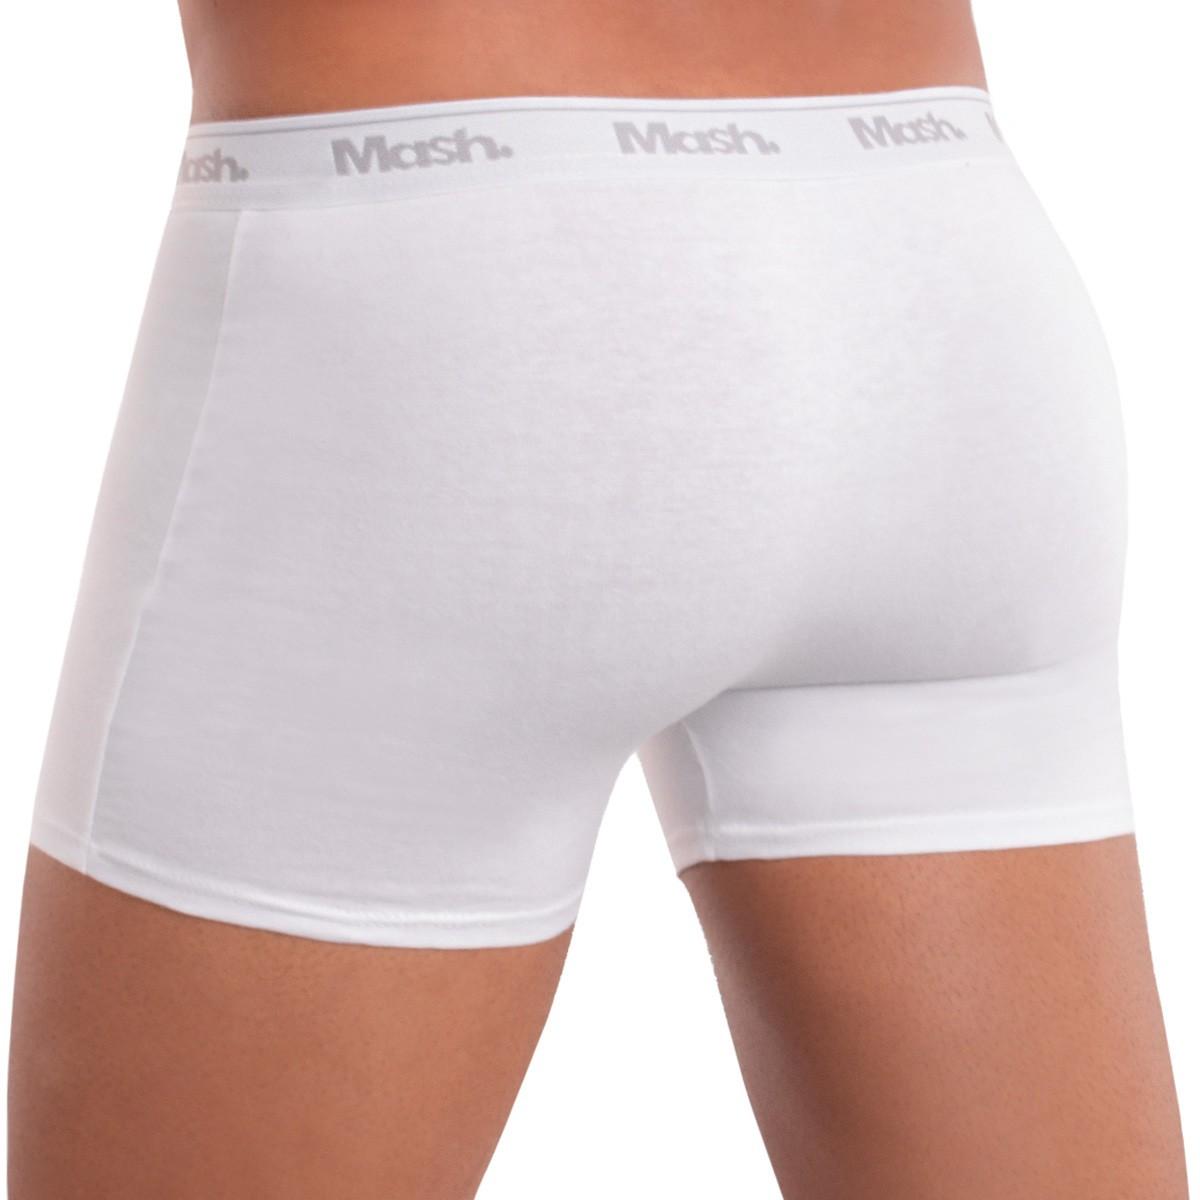 KIT com 2 Cuecas modelo boxer lisa em algodão Mash